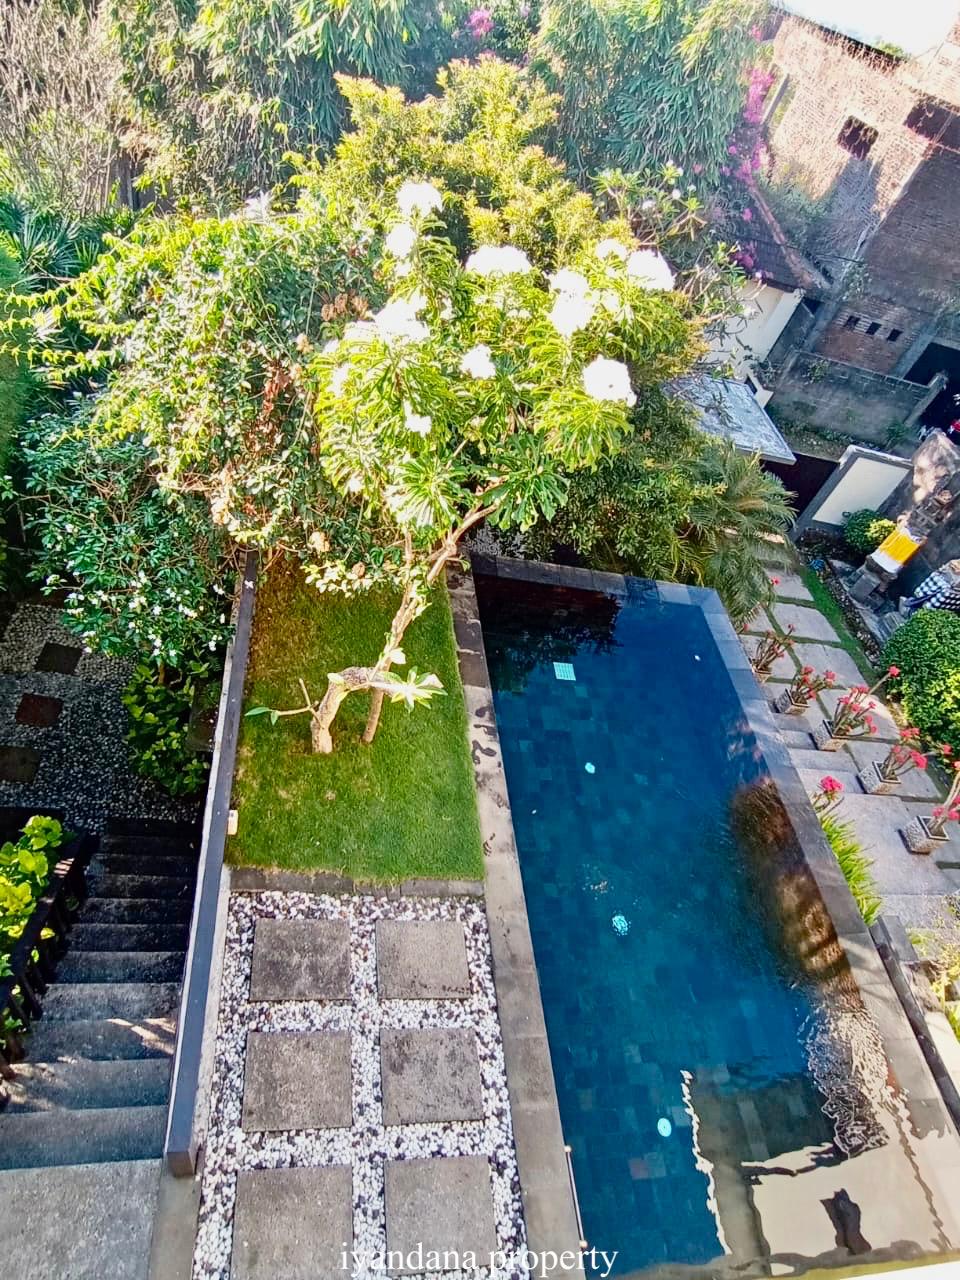 For rent sewa ID:A-268 villa jimbaran kuta bali near gwk nusa dua uluwatu